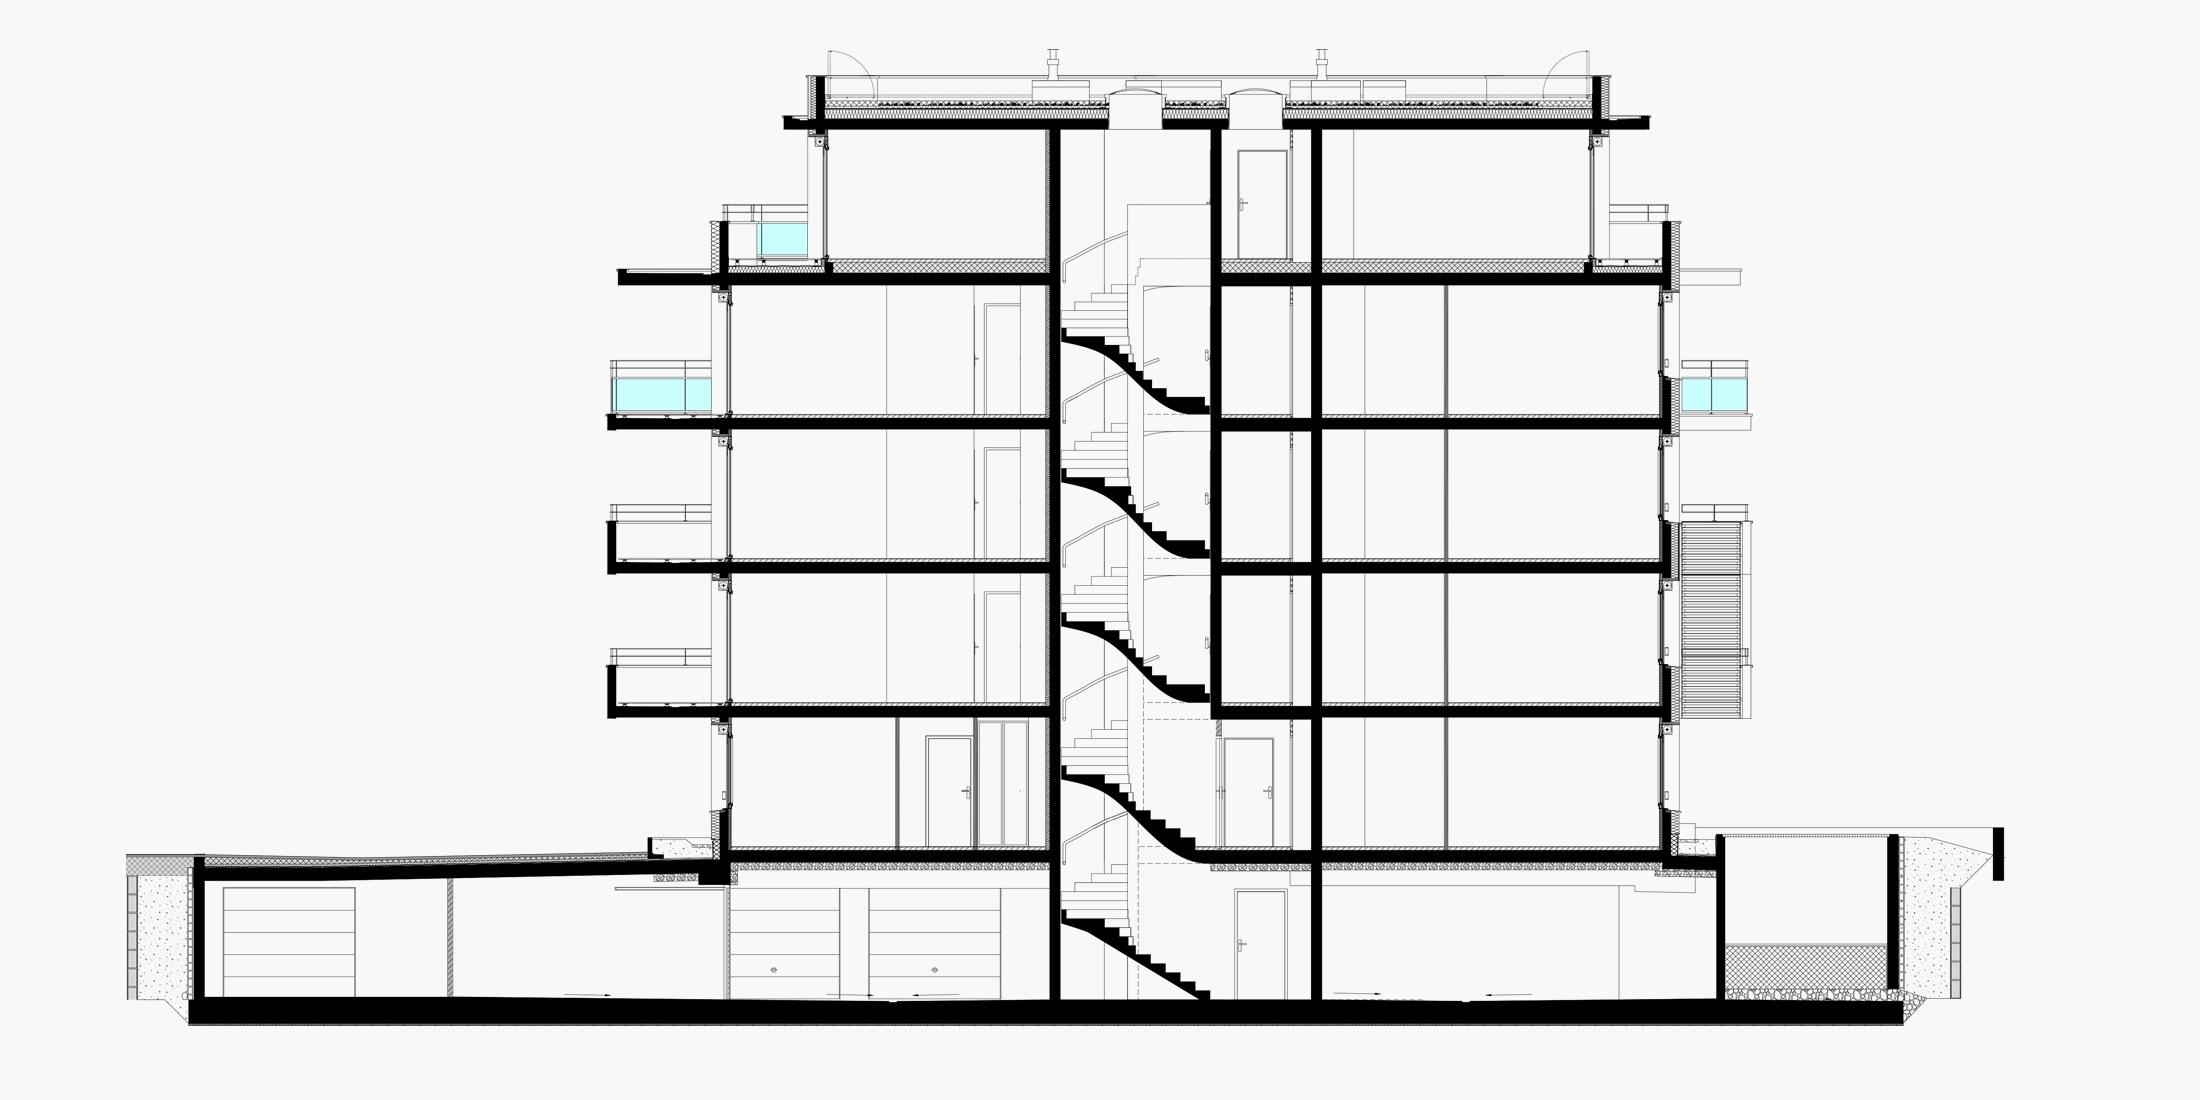 Plan pour agrandissement maison, extensions - Savoie Plan